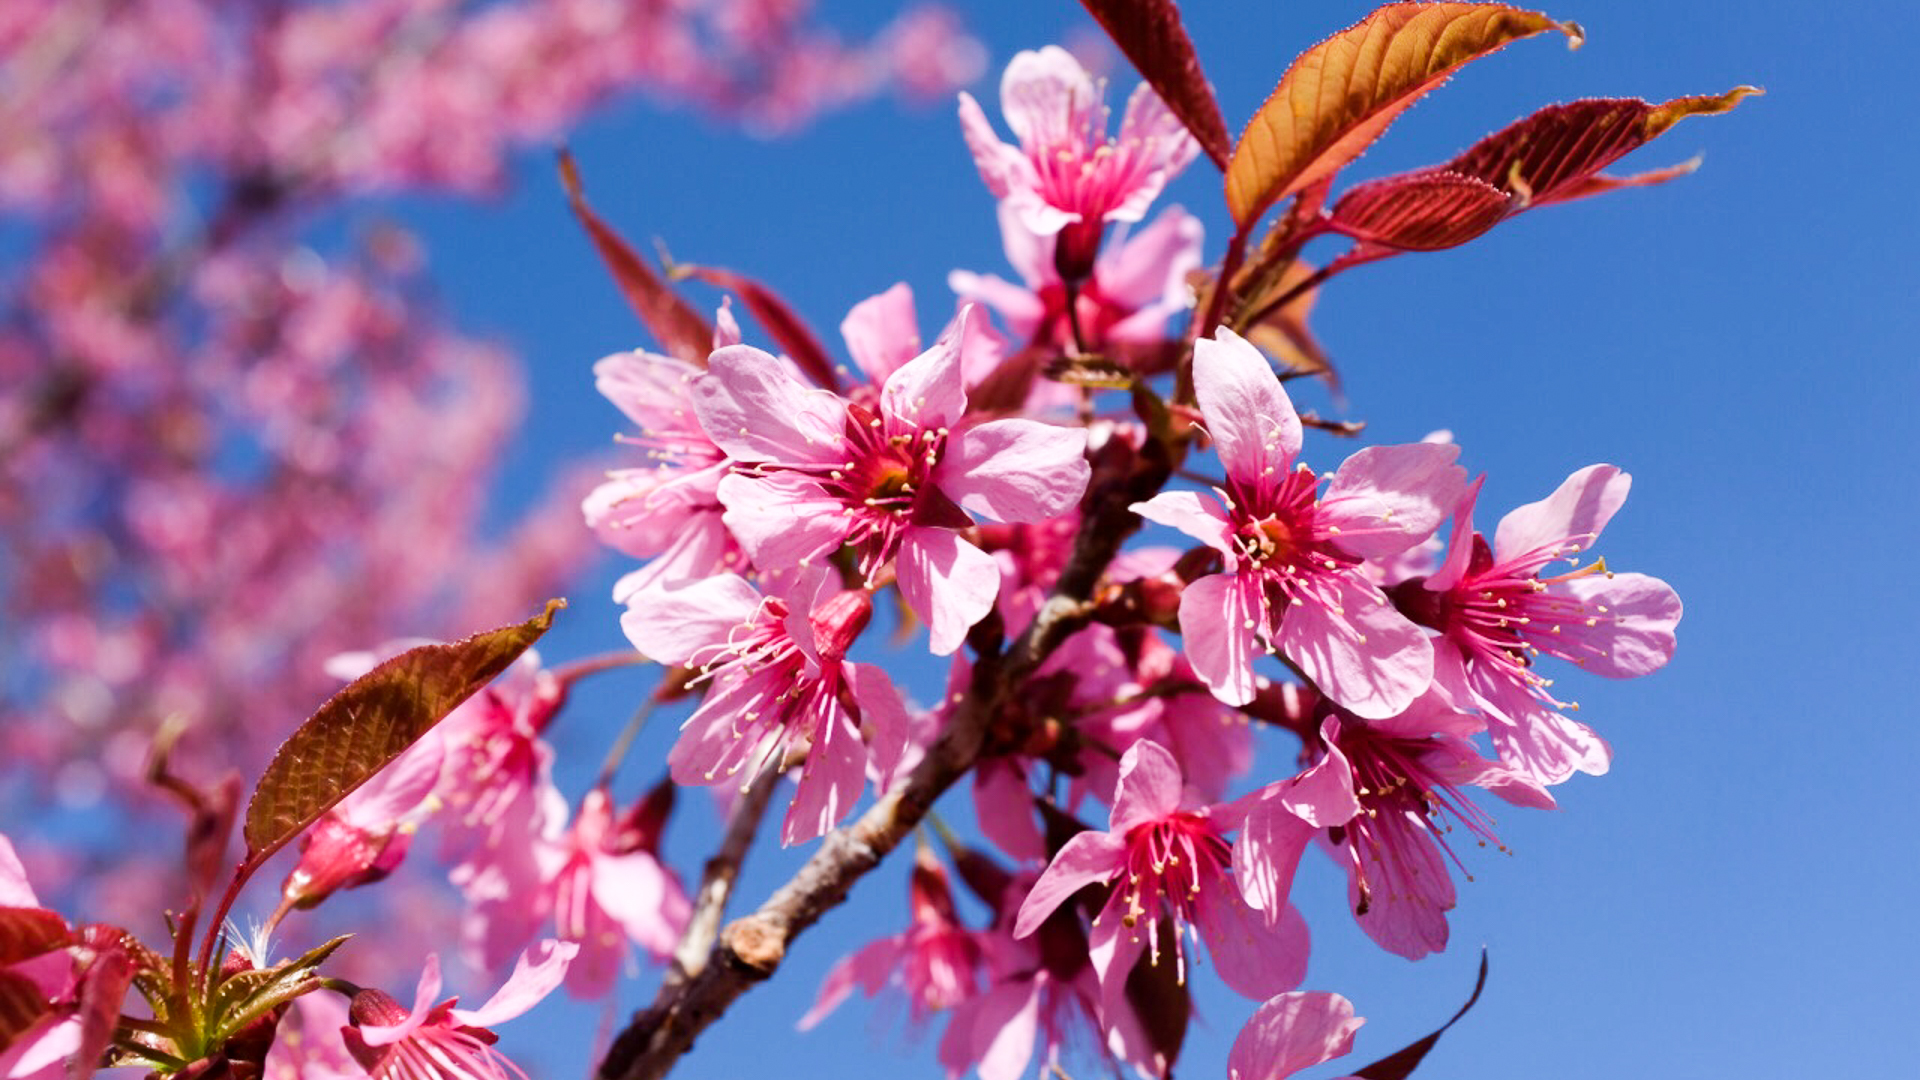 国内最美的高校之一,校园里樱花每年开两次,比武汉大学还漂亮